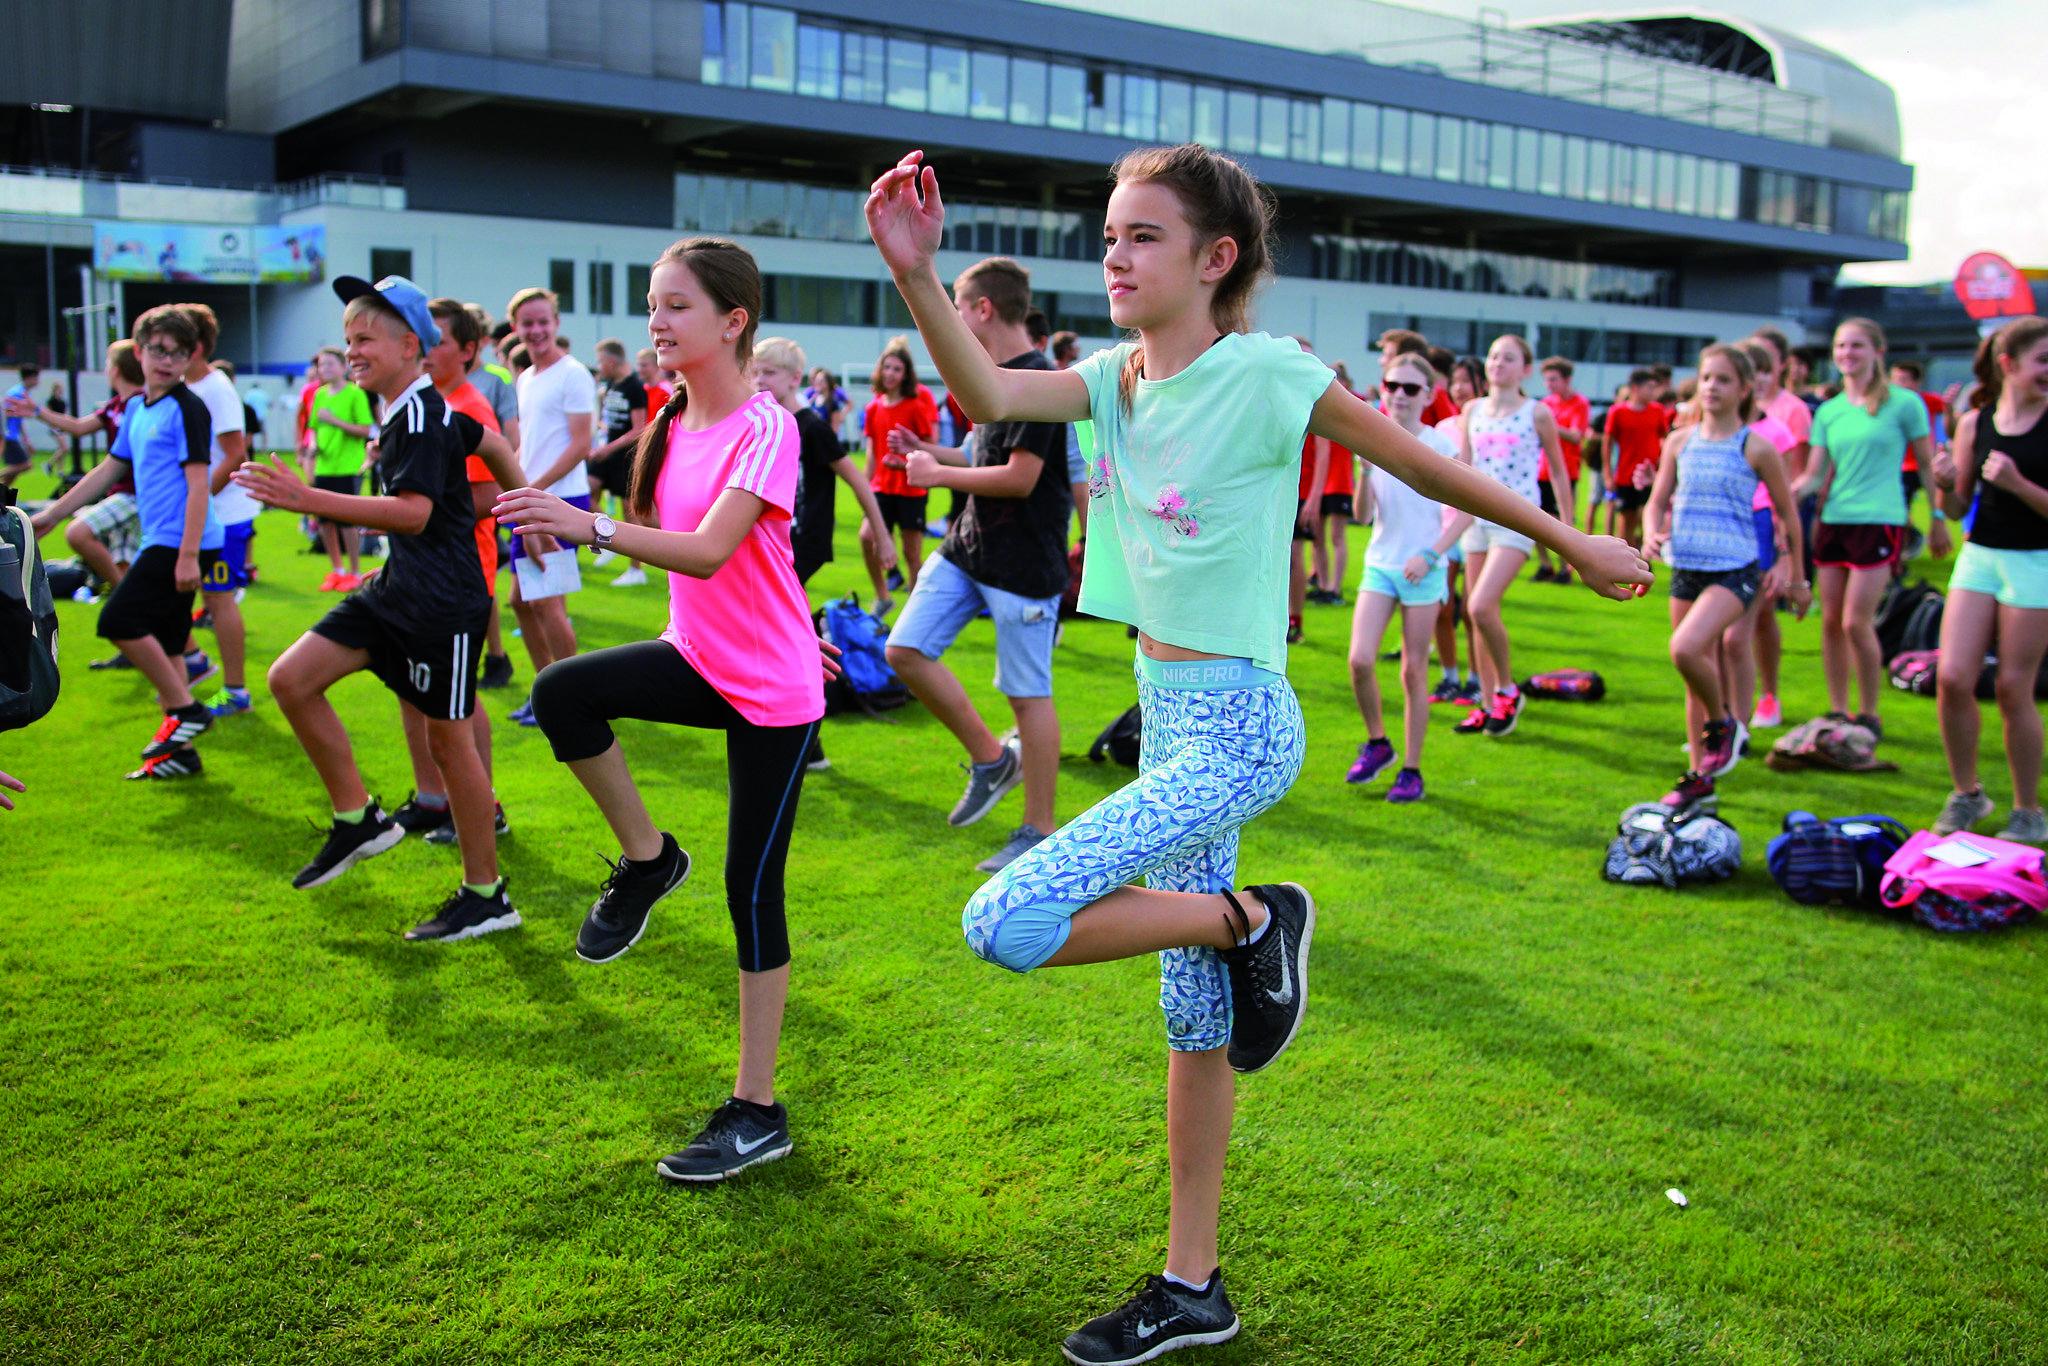 Tanzende Kindergruppe auf Sportplatz